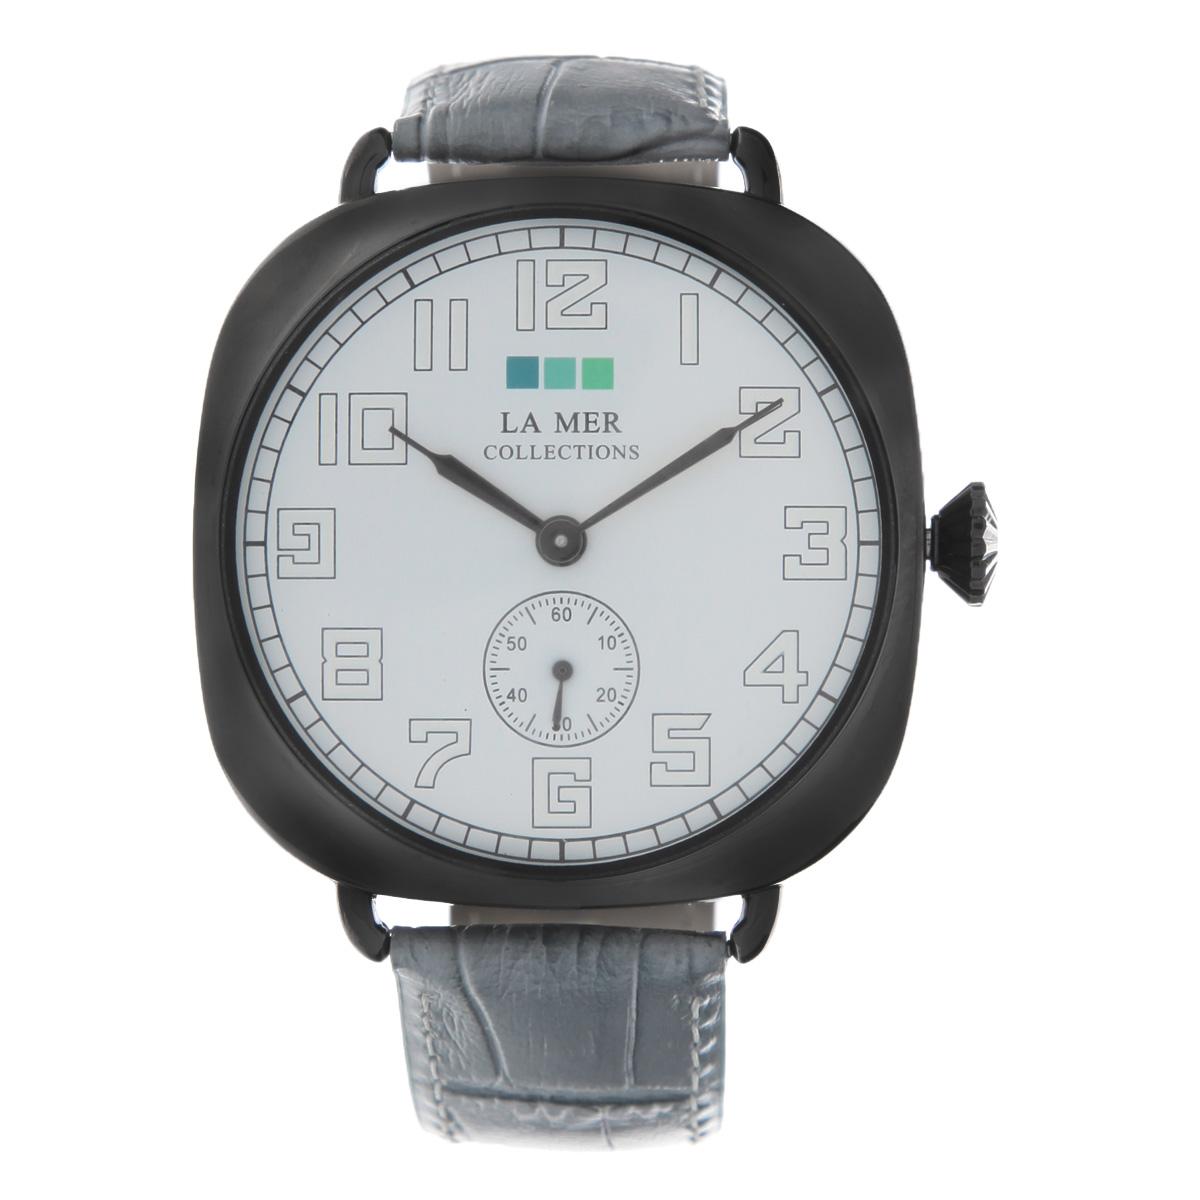 Часы наручные женские La Mer Collections Oversize vintage watch-Grey/Gunmetal. LMOVW2040LMOVW2040Ремешок выполнен из натуральной итальянской кожи и декорирован принтом. Корпус часов изготовлен из сплава металлов, темно-серого цвета. Циферблат оснащен часовой, минутной и секундной стрелками и защищен минеральным стеклом, имеется отдельный механизм для секундной стрелки. Часы застегиваются на классическую застежку-пряжку. Часы хранятся на специальной подушечке в футляре из искусственной замши, крышка которого оформлена логотипом компании La Mer Collection. Характеристики: Размер циферблата: 50 х 50 х 8 мм. Размер ремешка: 200 х 25 мм. Не содержат никель. Водонепроницаемость до 10 метров. Собираются вручную в США.